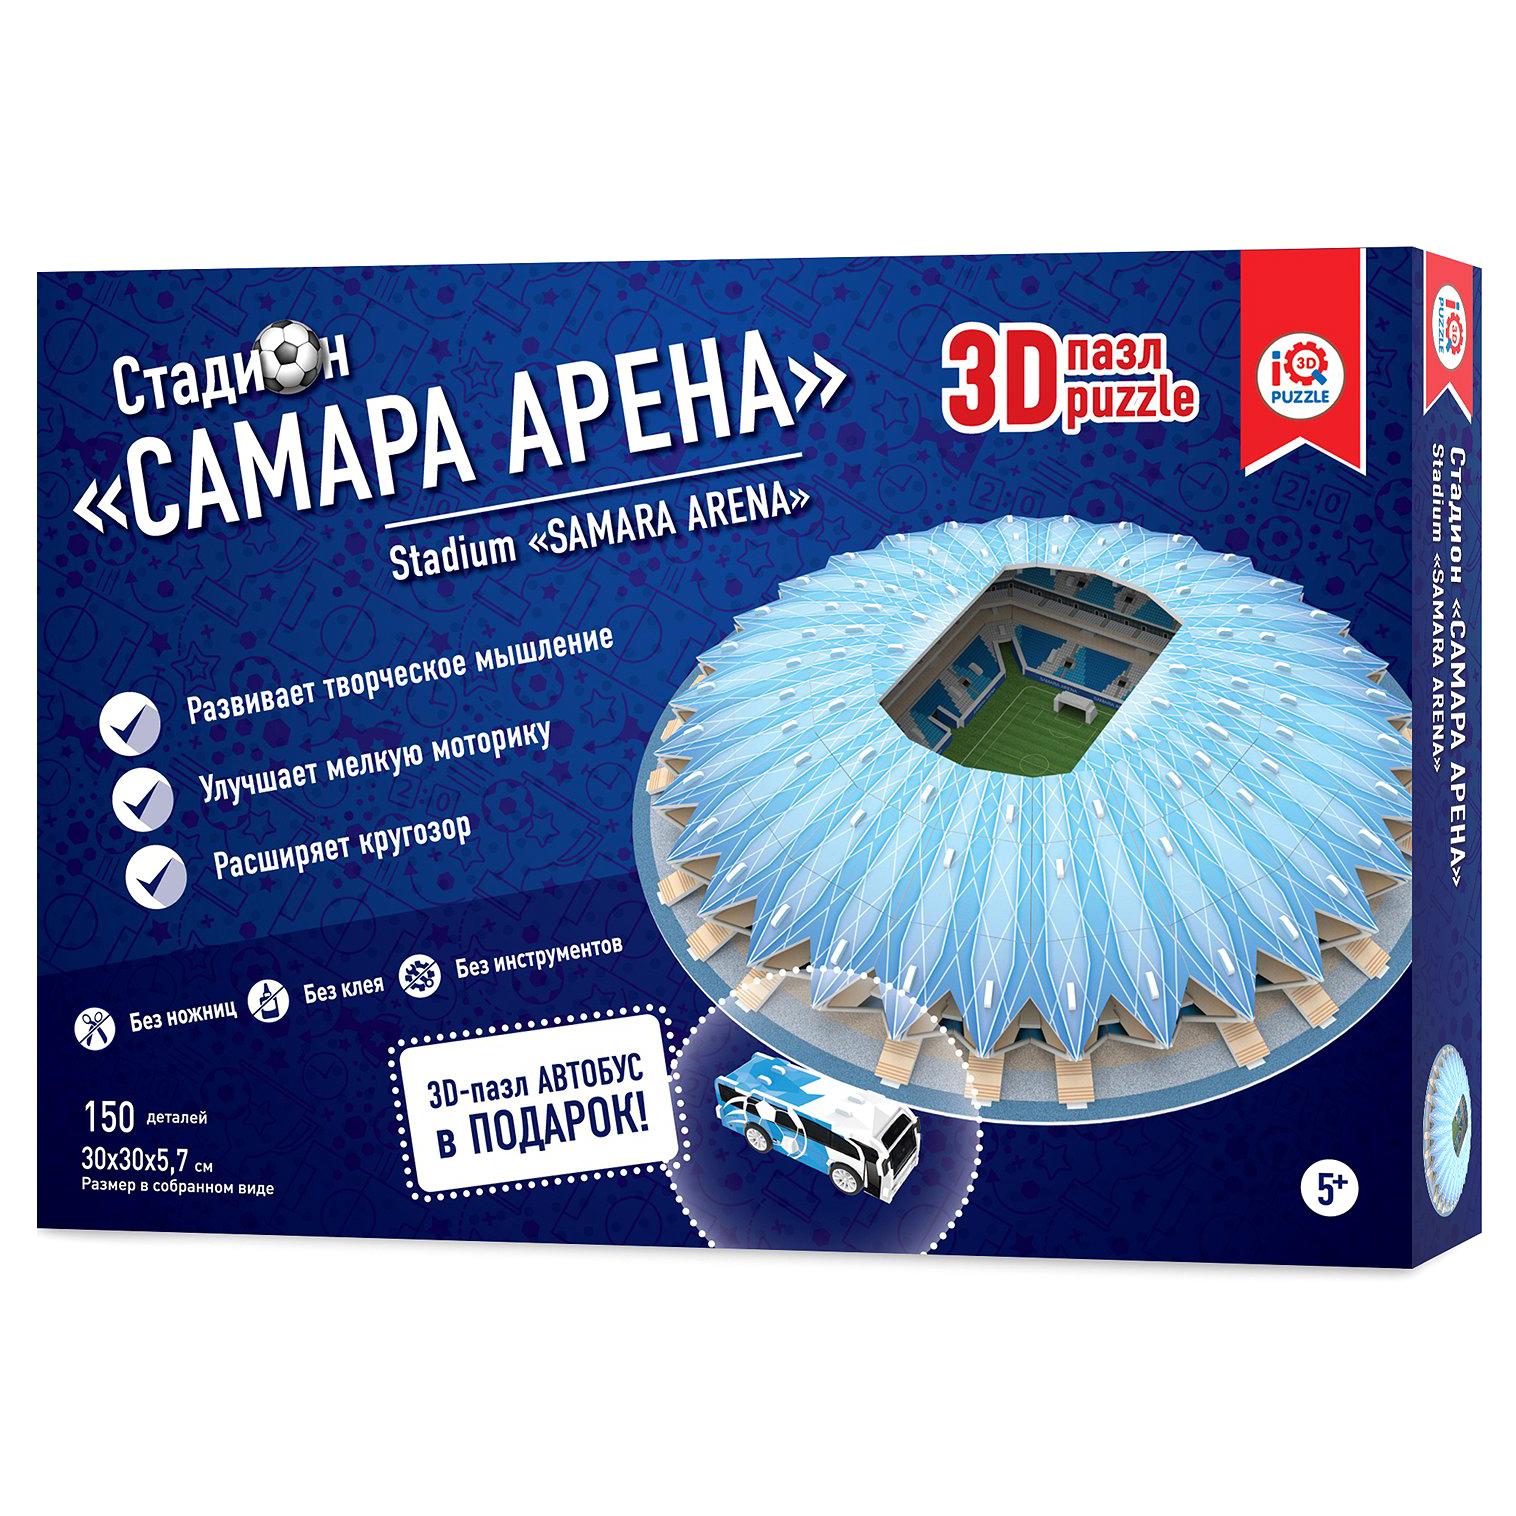 Пазл 3D IQ 3D PUZZLE Самара Арена 16558